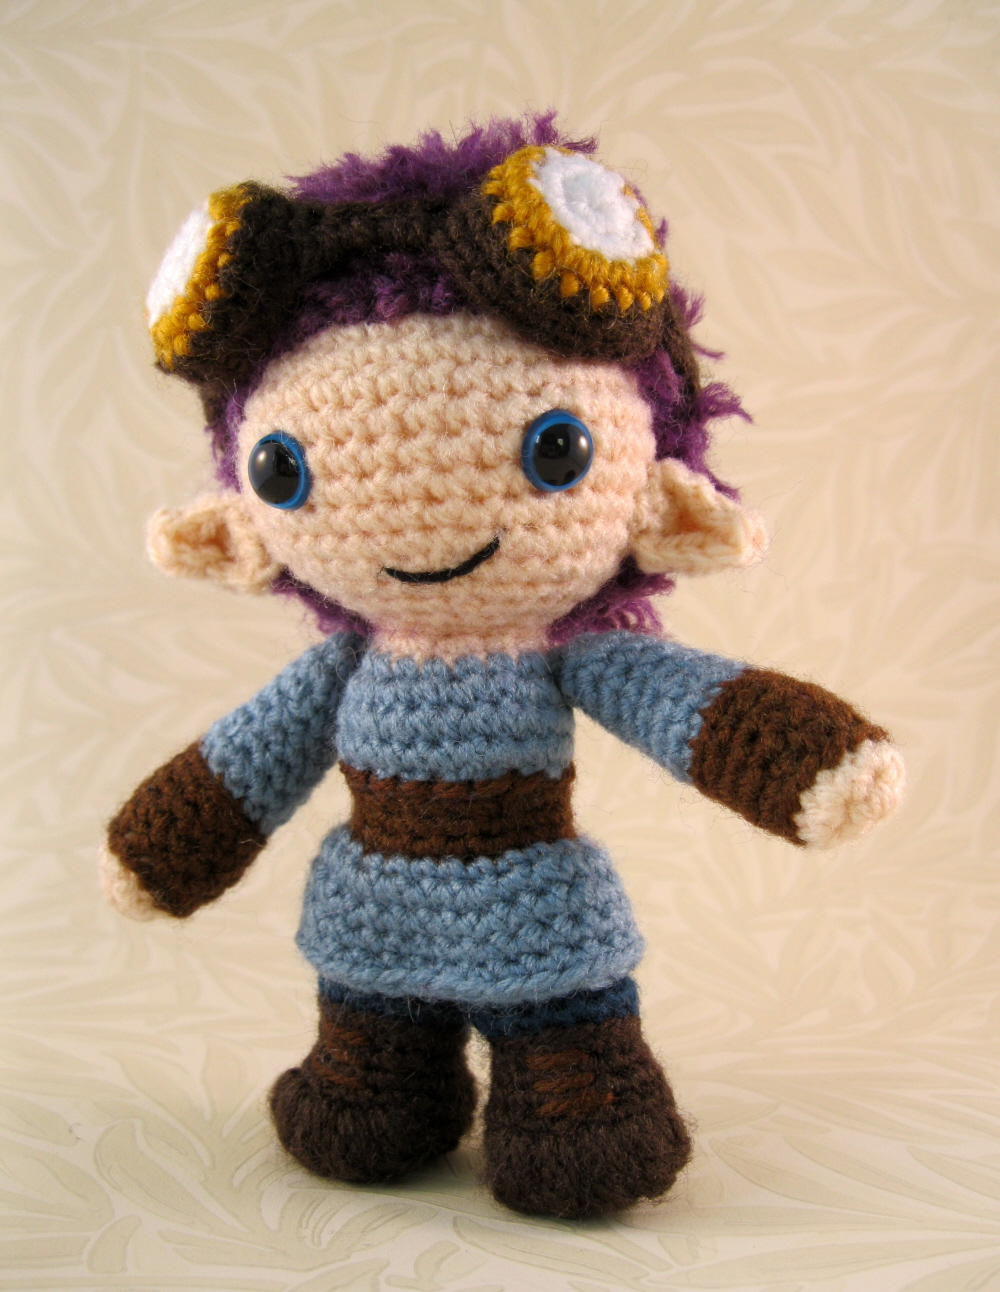 Amigurumi Jacket : LucyRavenscar - Crochet Creatures: Fantasy Amigurumi ...